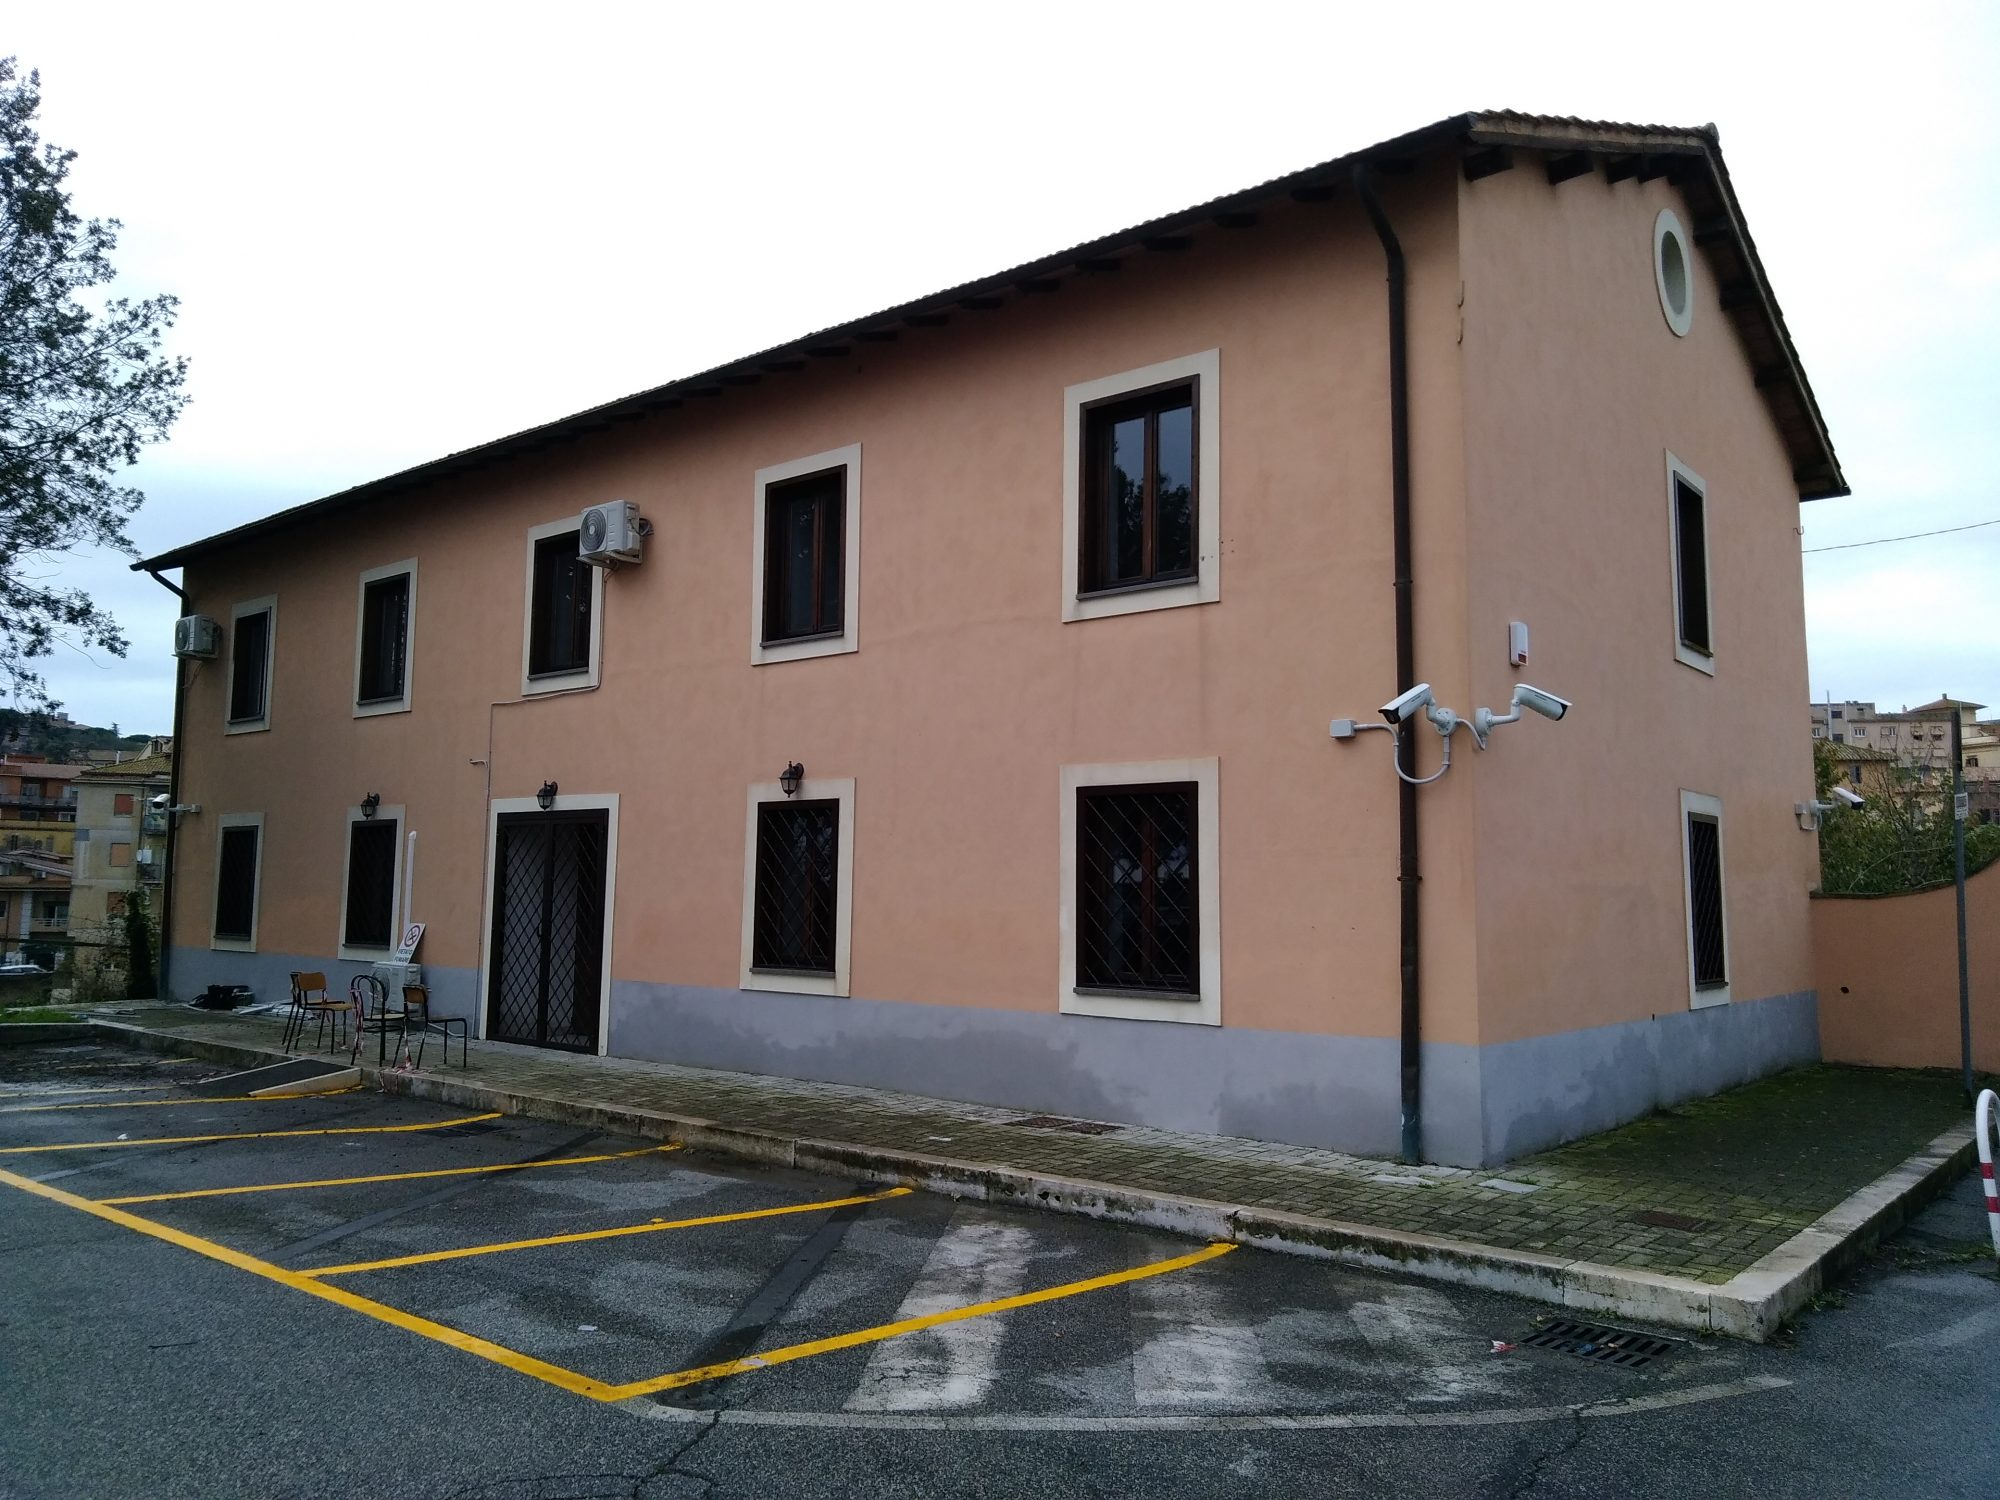 Università Agraria di Bracciano affitta una propria struttura come sede della Polizia provinciale